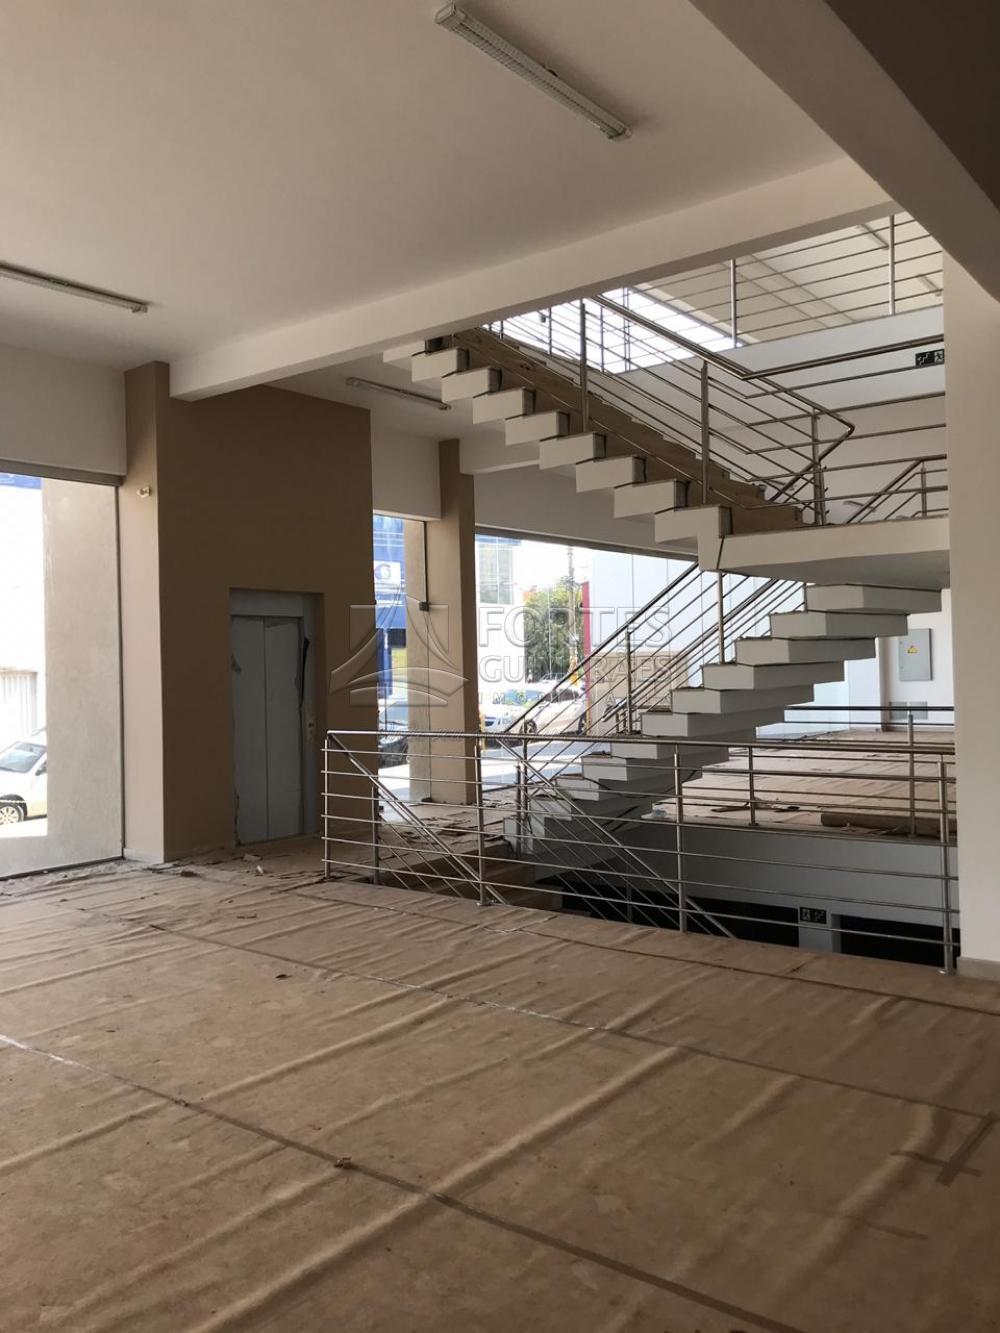 Alugar Comercial / Salão em Ribeirão Preto apenas R$ 60.000,00 - Foto 21